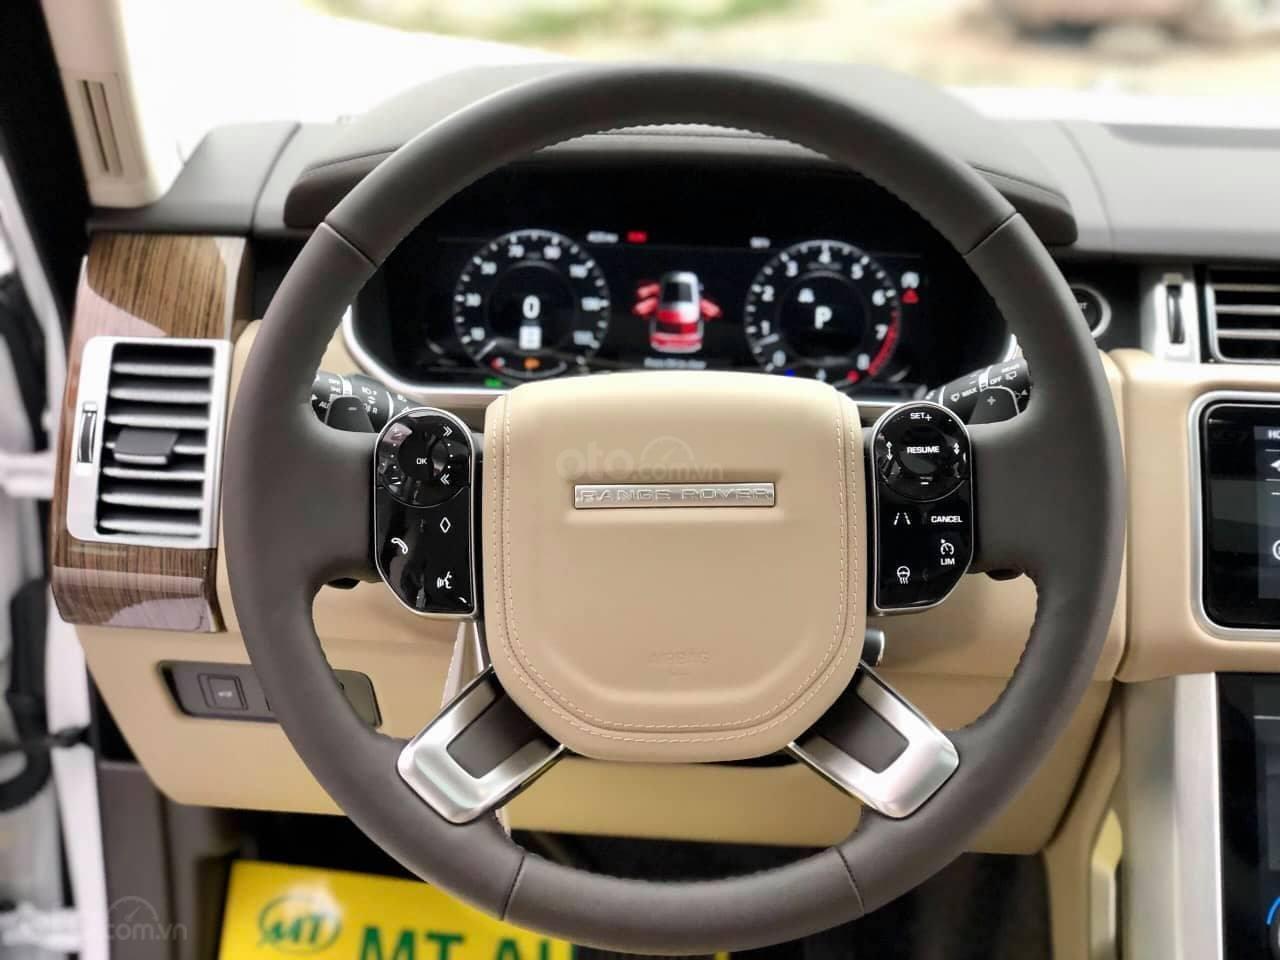 Bán LandRover Range Rover HSE 3.0 2018, màu trắng, nhập khẩu Mỹ - LH: 0982.84.2838-18